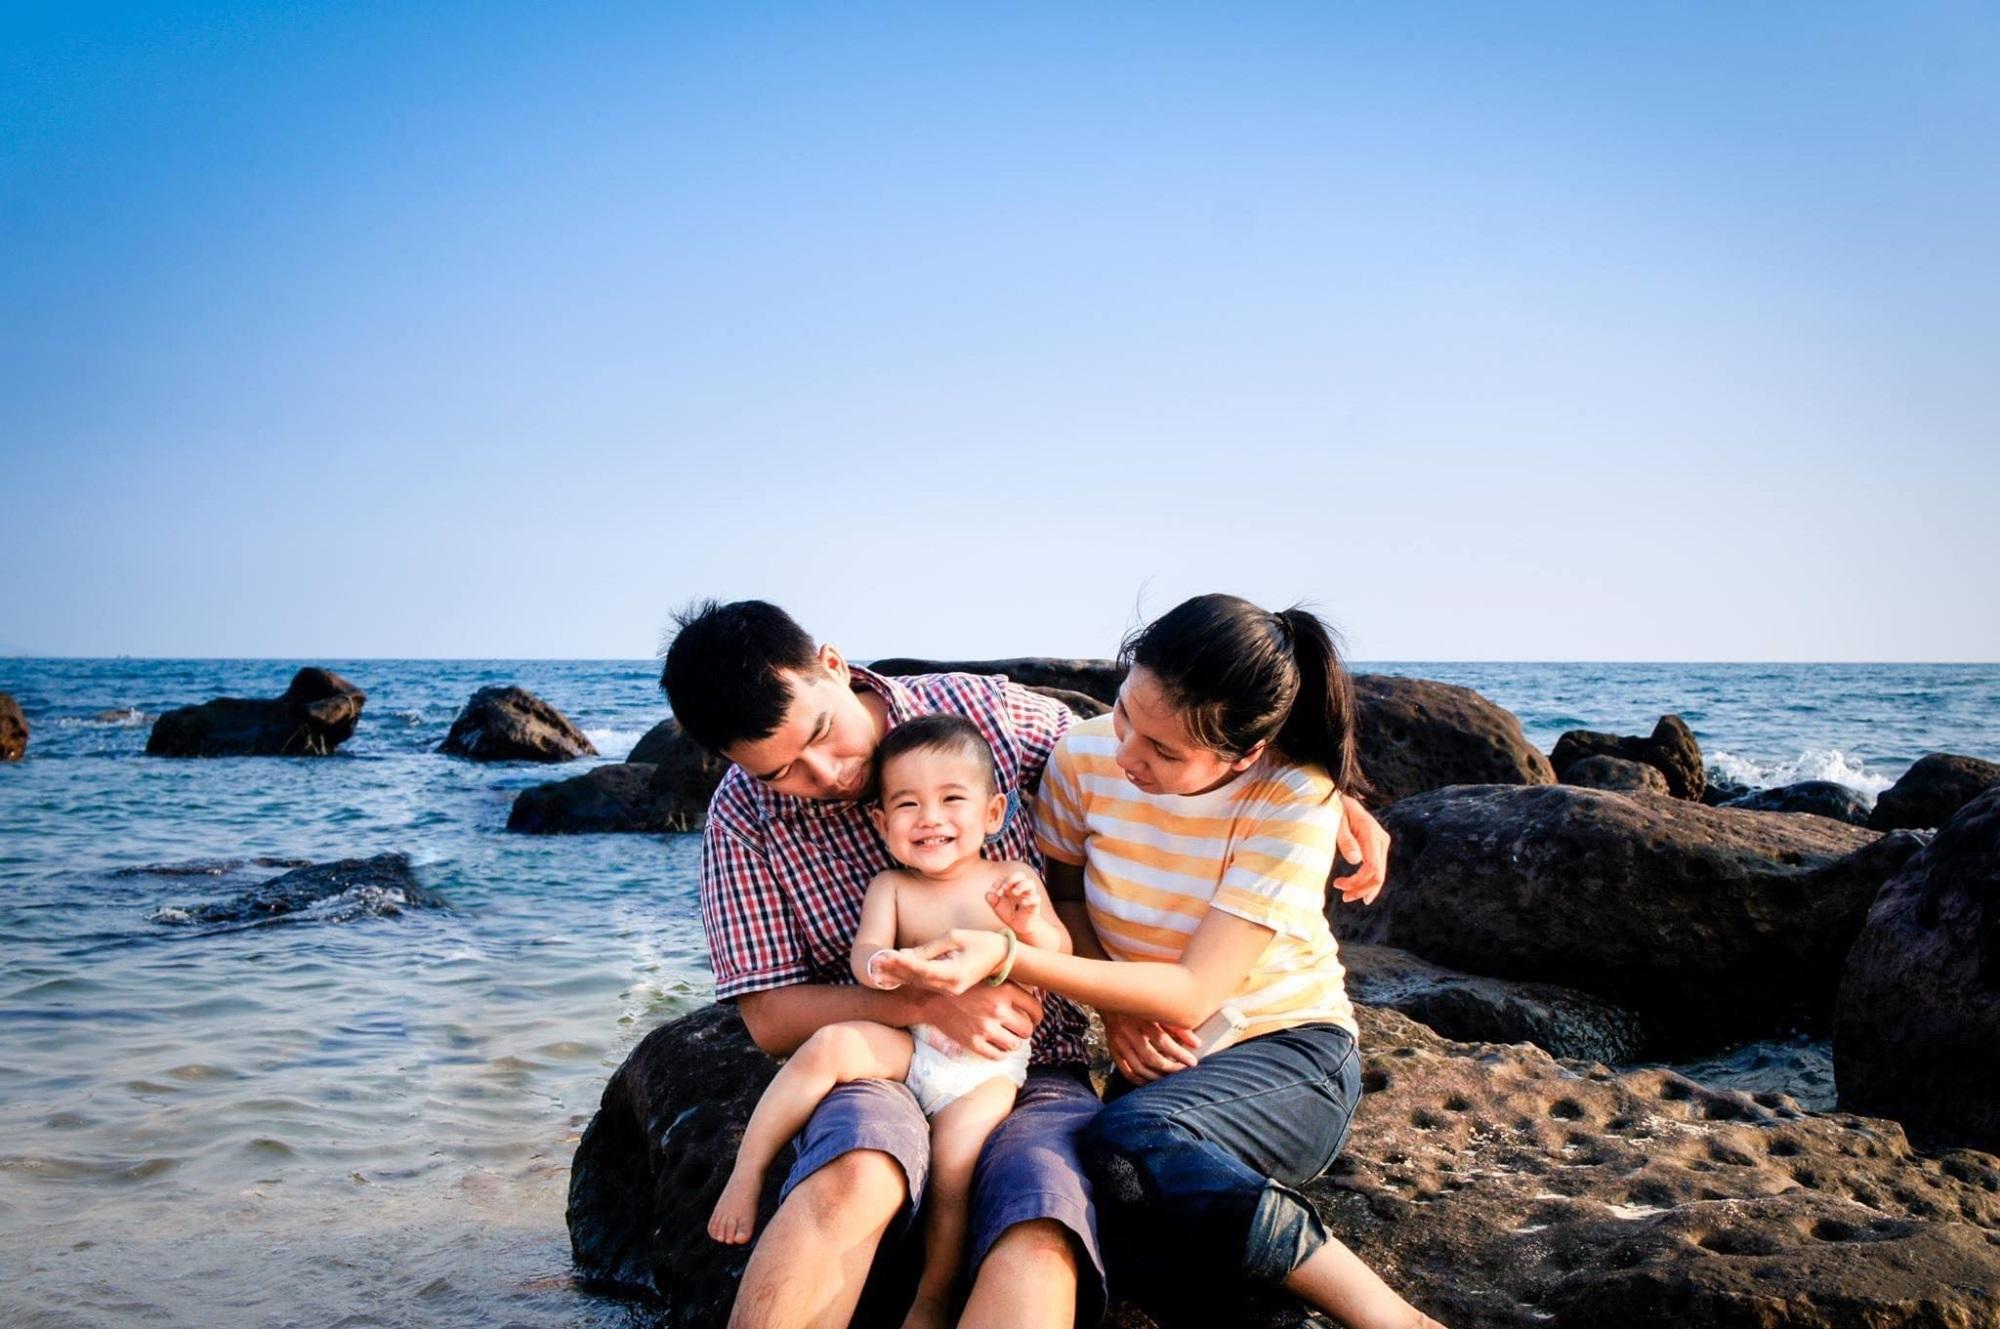 Muốn có nhà riêng, vợ chồng vay 350 triệu rồi tự xây nhà cấp 4 trên đảo Phú Quốc, cày cuốc trả hết nợ trong vòng 2 năm - Ảnh 5